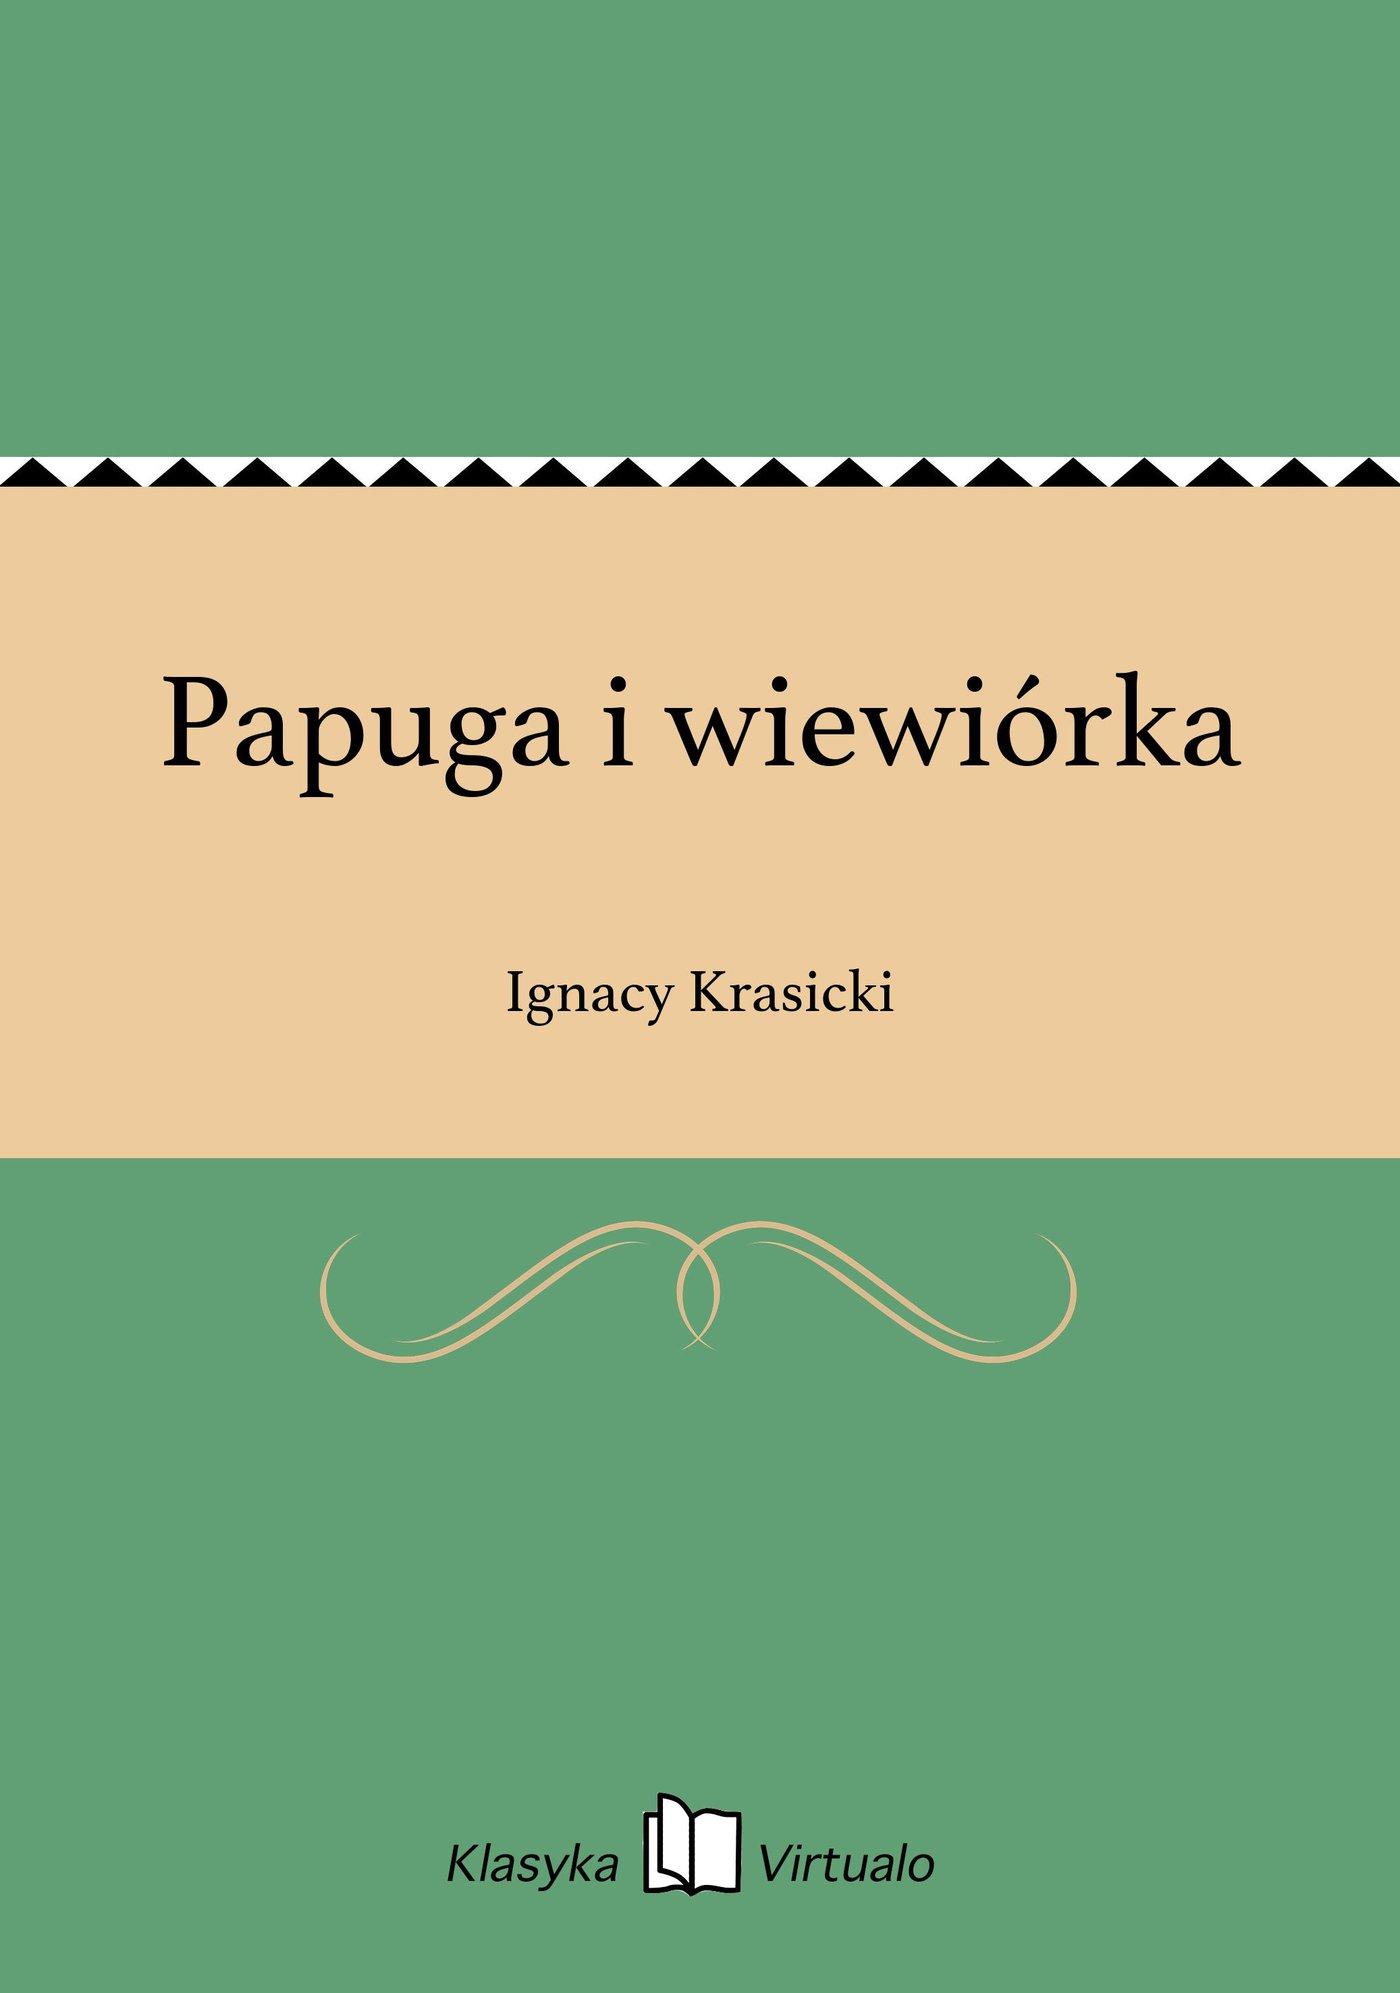 Papuga i wiewiórka - Ebook (Książka na Kindle) do pobrania w formacie MOBI